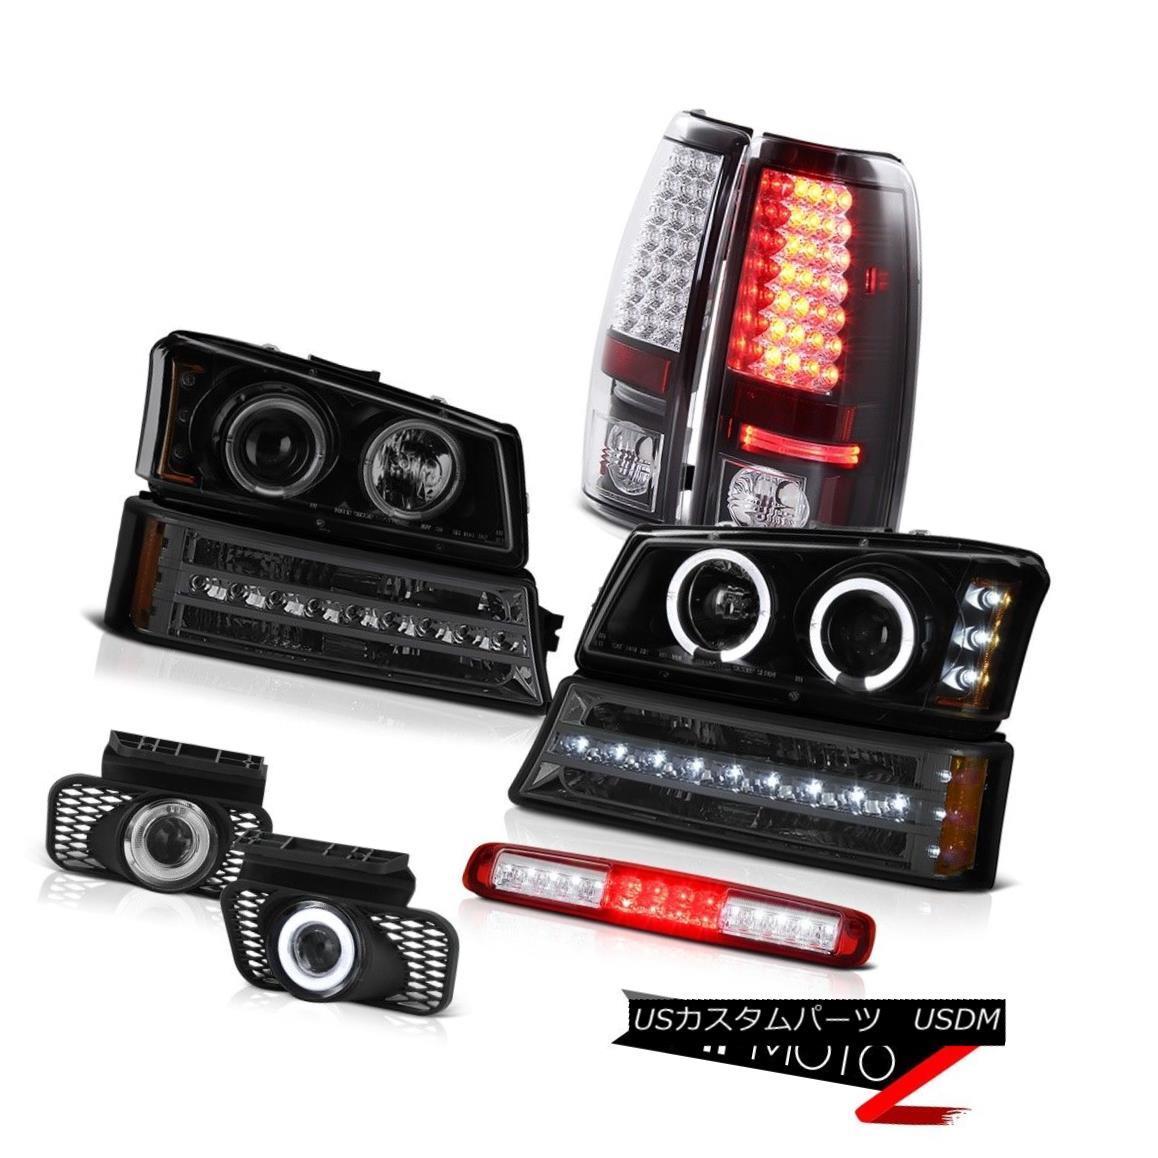 テールライト 03-06 Silverado Red Third Brake Light Foglamps Turn Signal Headlamps Taillights 03-06 Silverado Red Thirdブレーキライトフォグランプターンシグナルヘッドランプターンライト